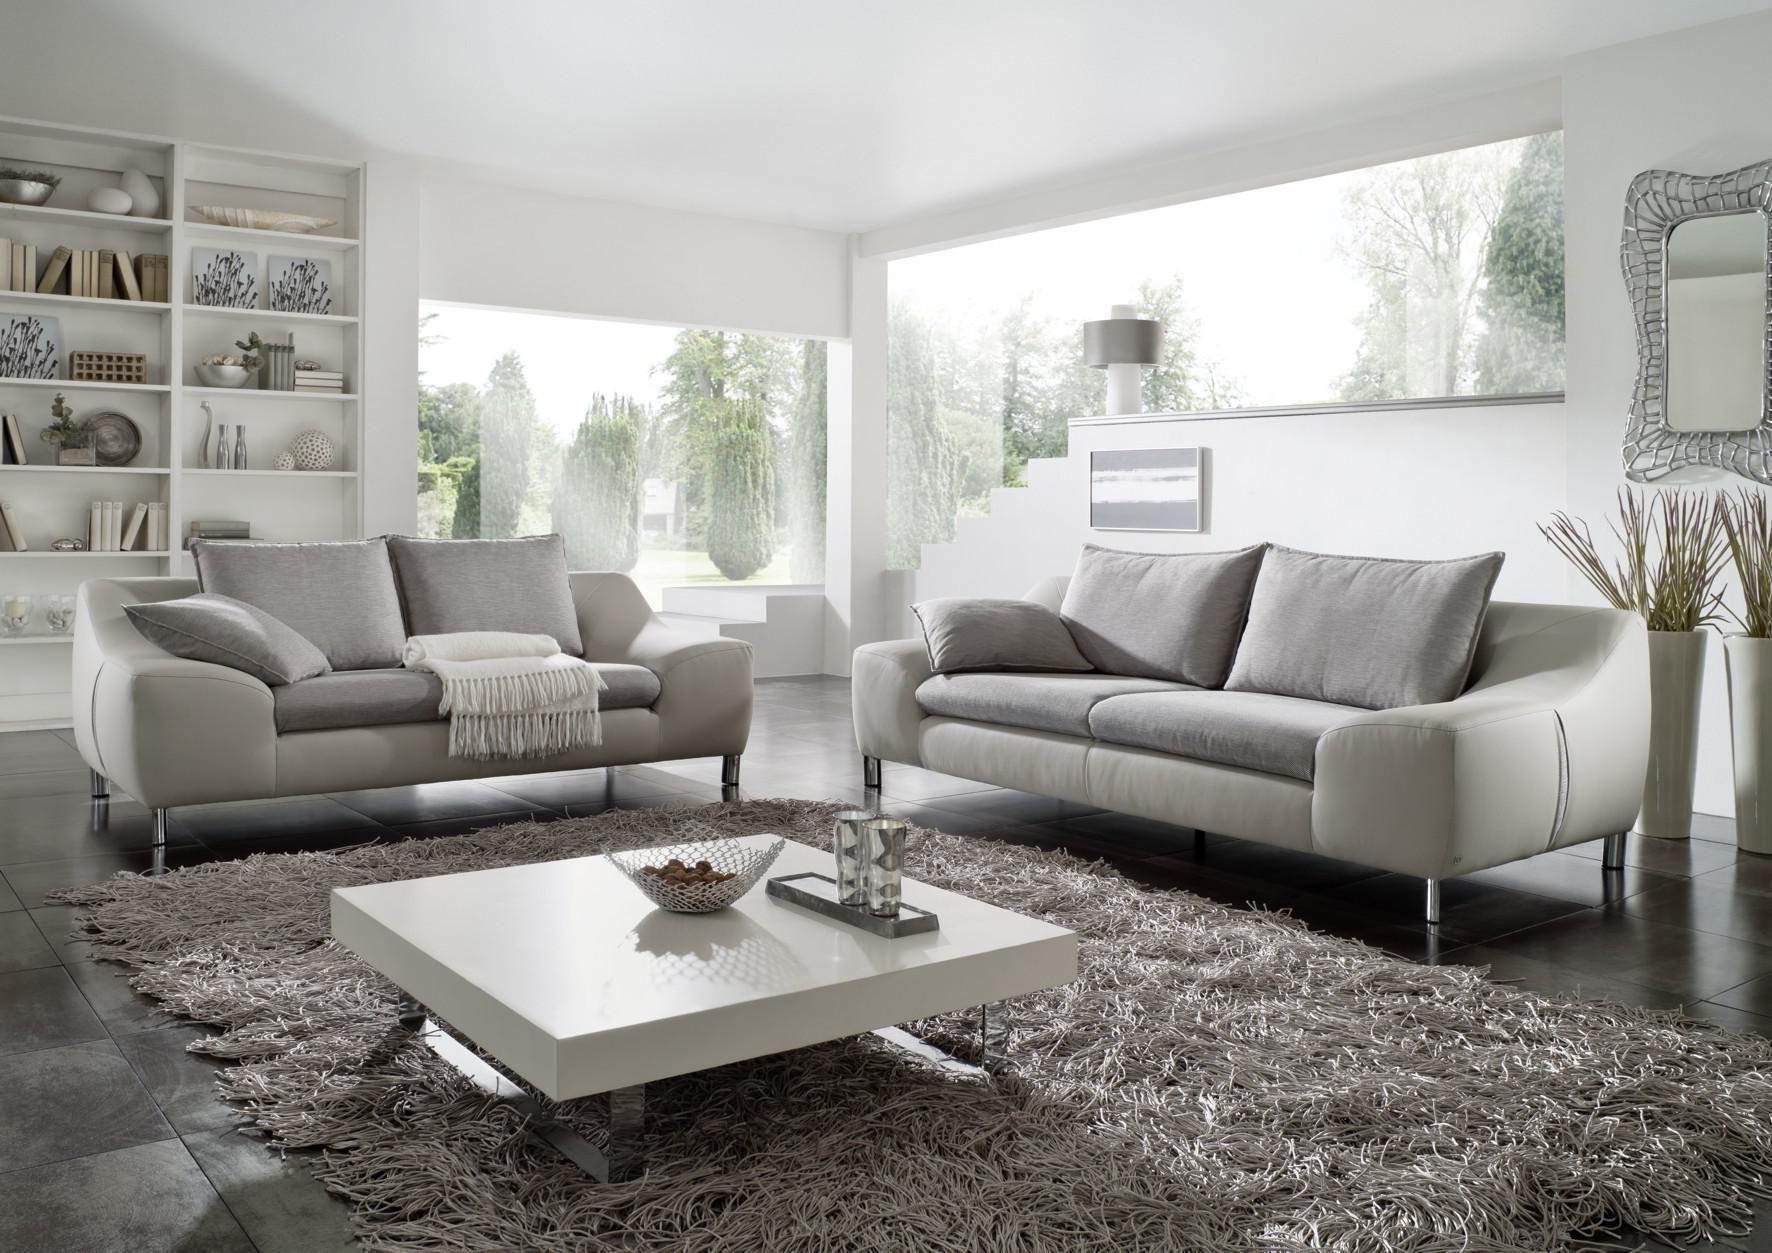 Wohnzimmer Beige Braun Weiß